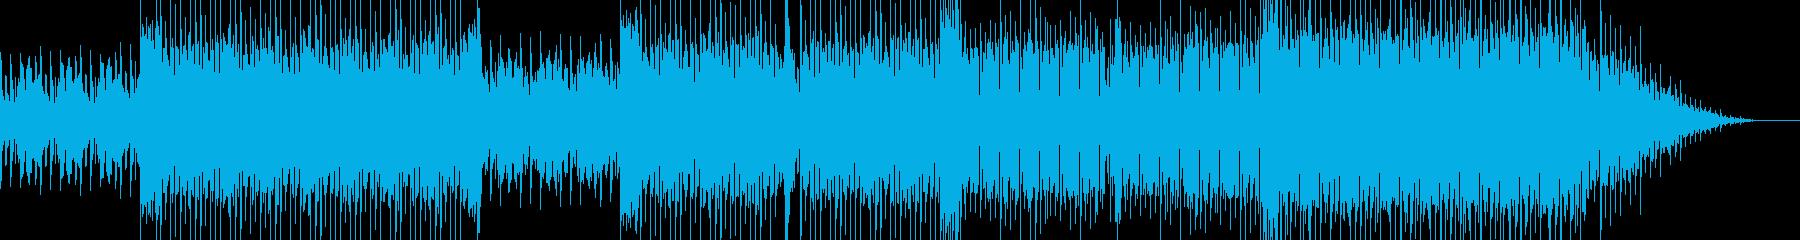 モジュラーテクノの再生済みの波形